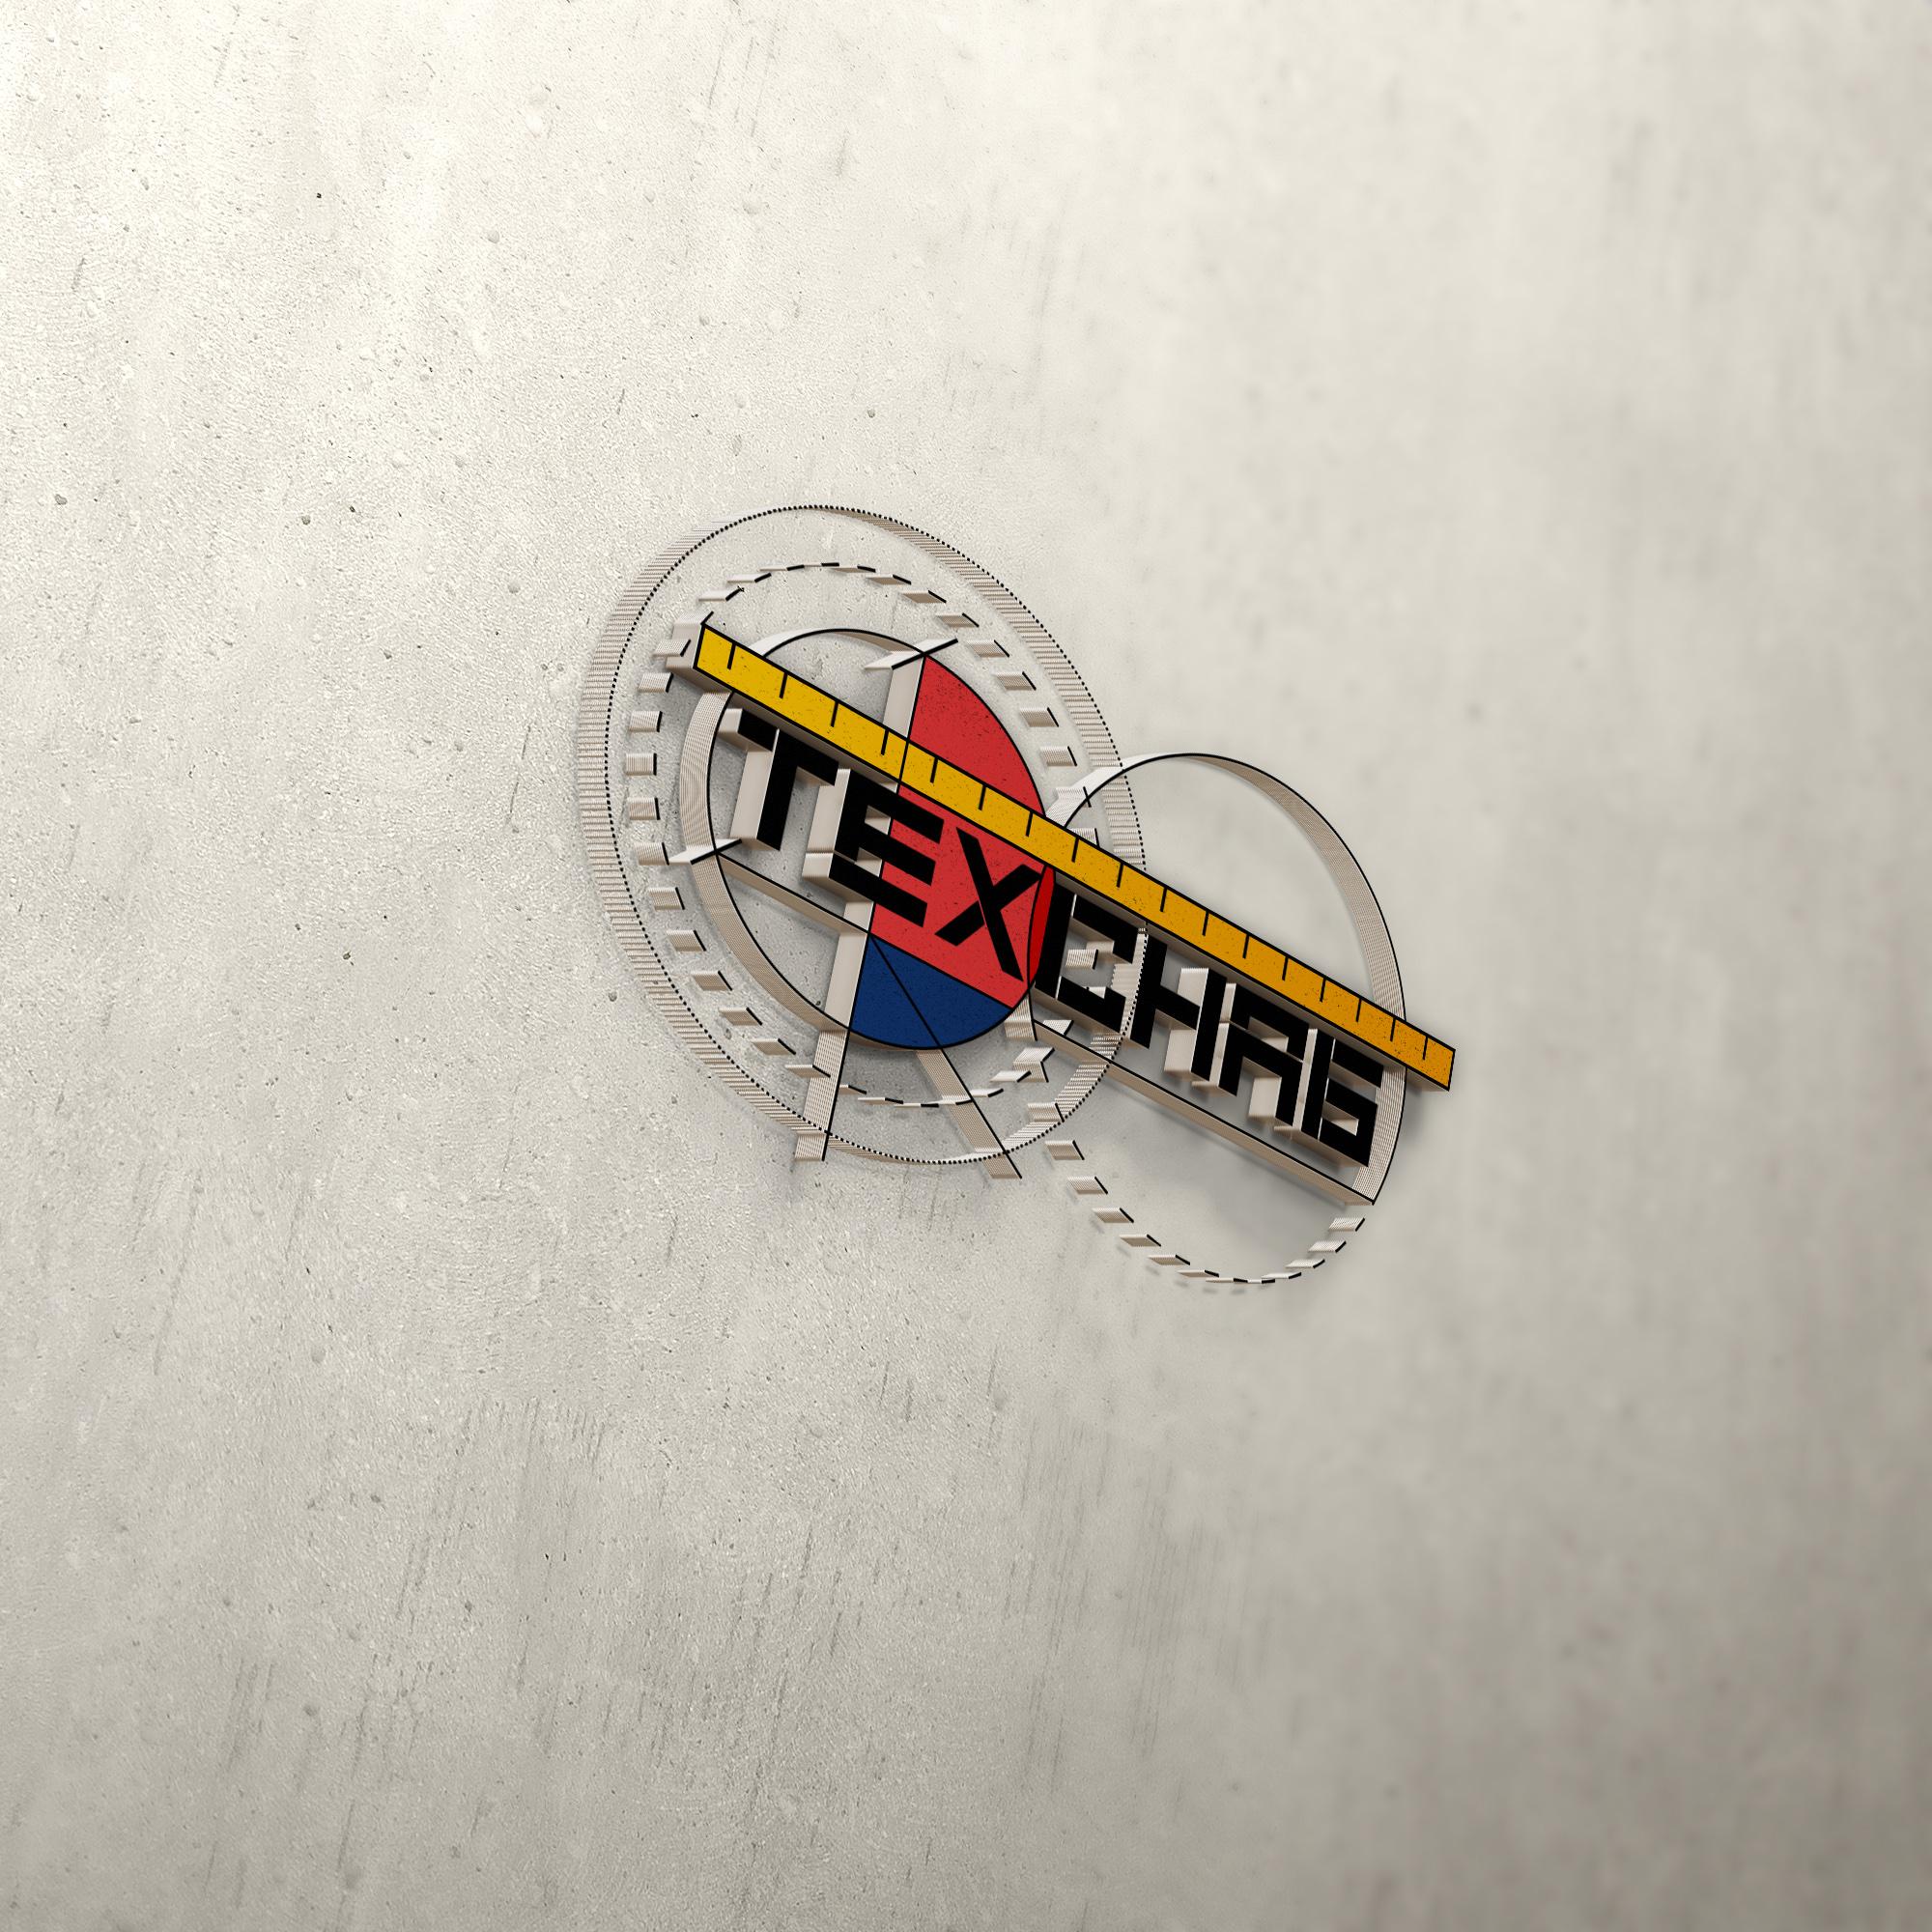 Разработка логотипа и фирм. стиля компании  ТЕХСНАБ фото f_6935b1f1e65b1ad3.jpg